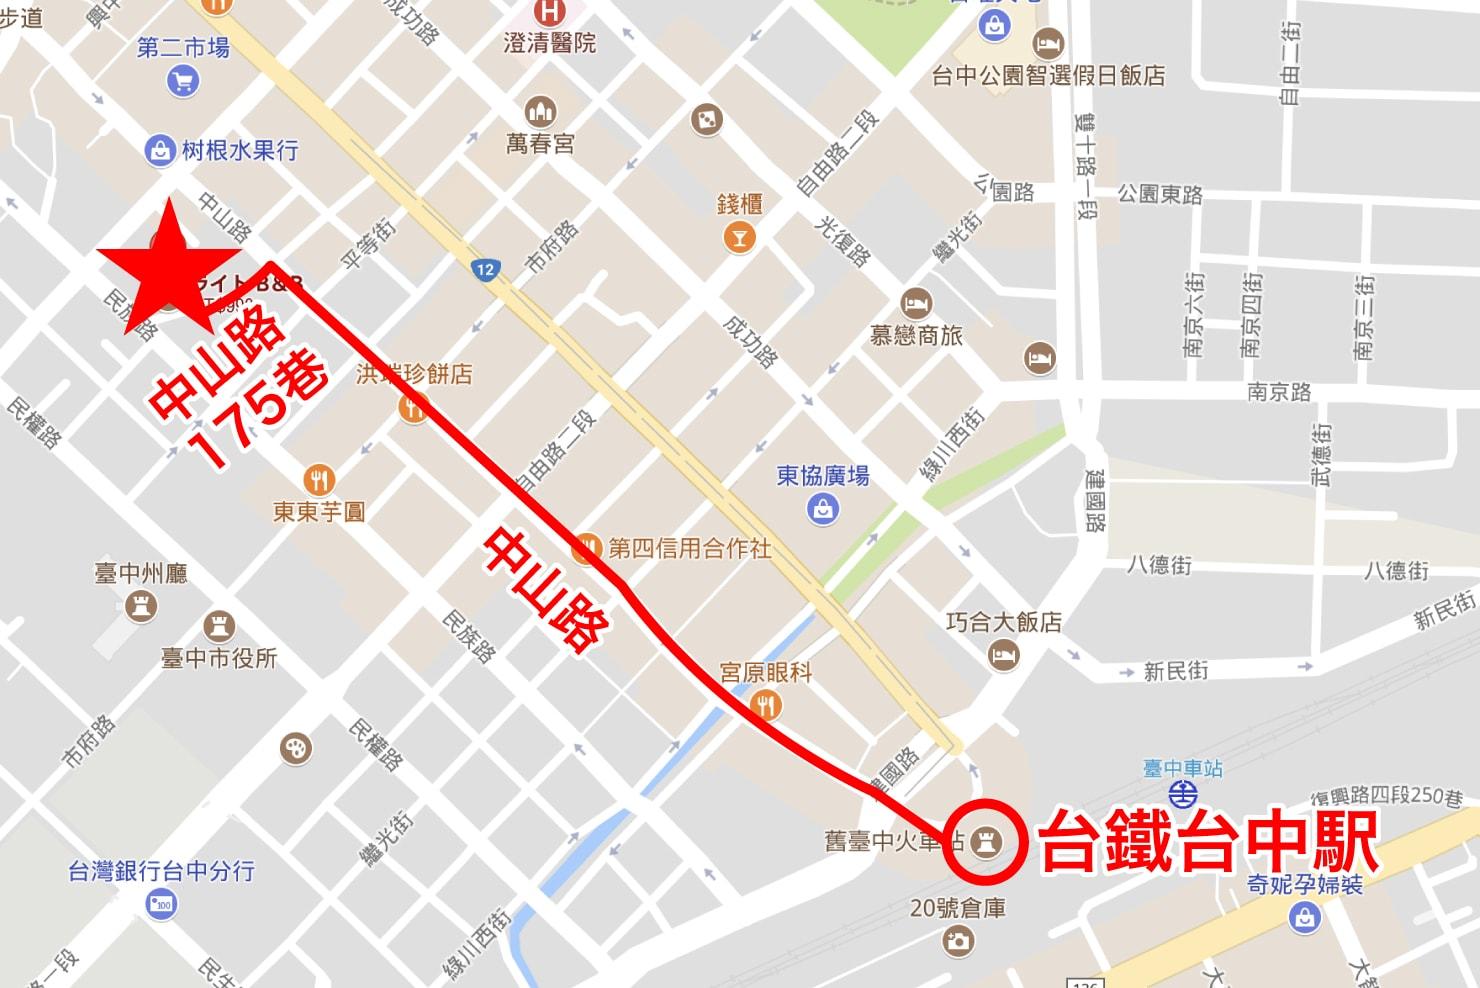 台中駅徒歩10分のリーズナブルなおすすめミニホテル「光原宿 Light House」へのマップ